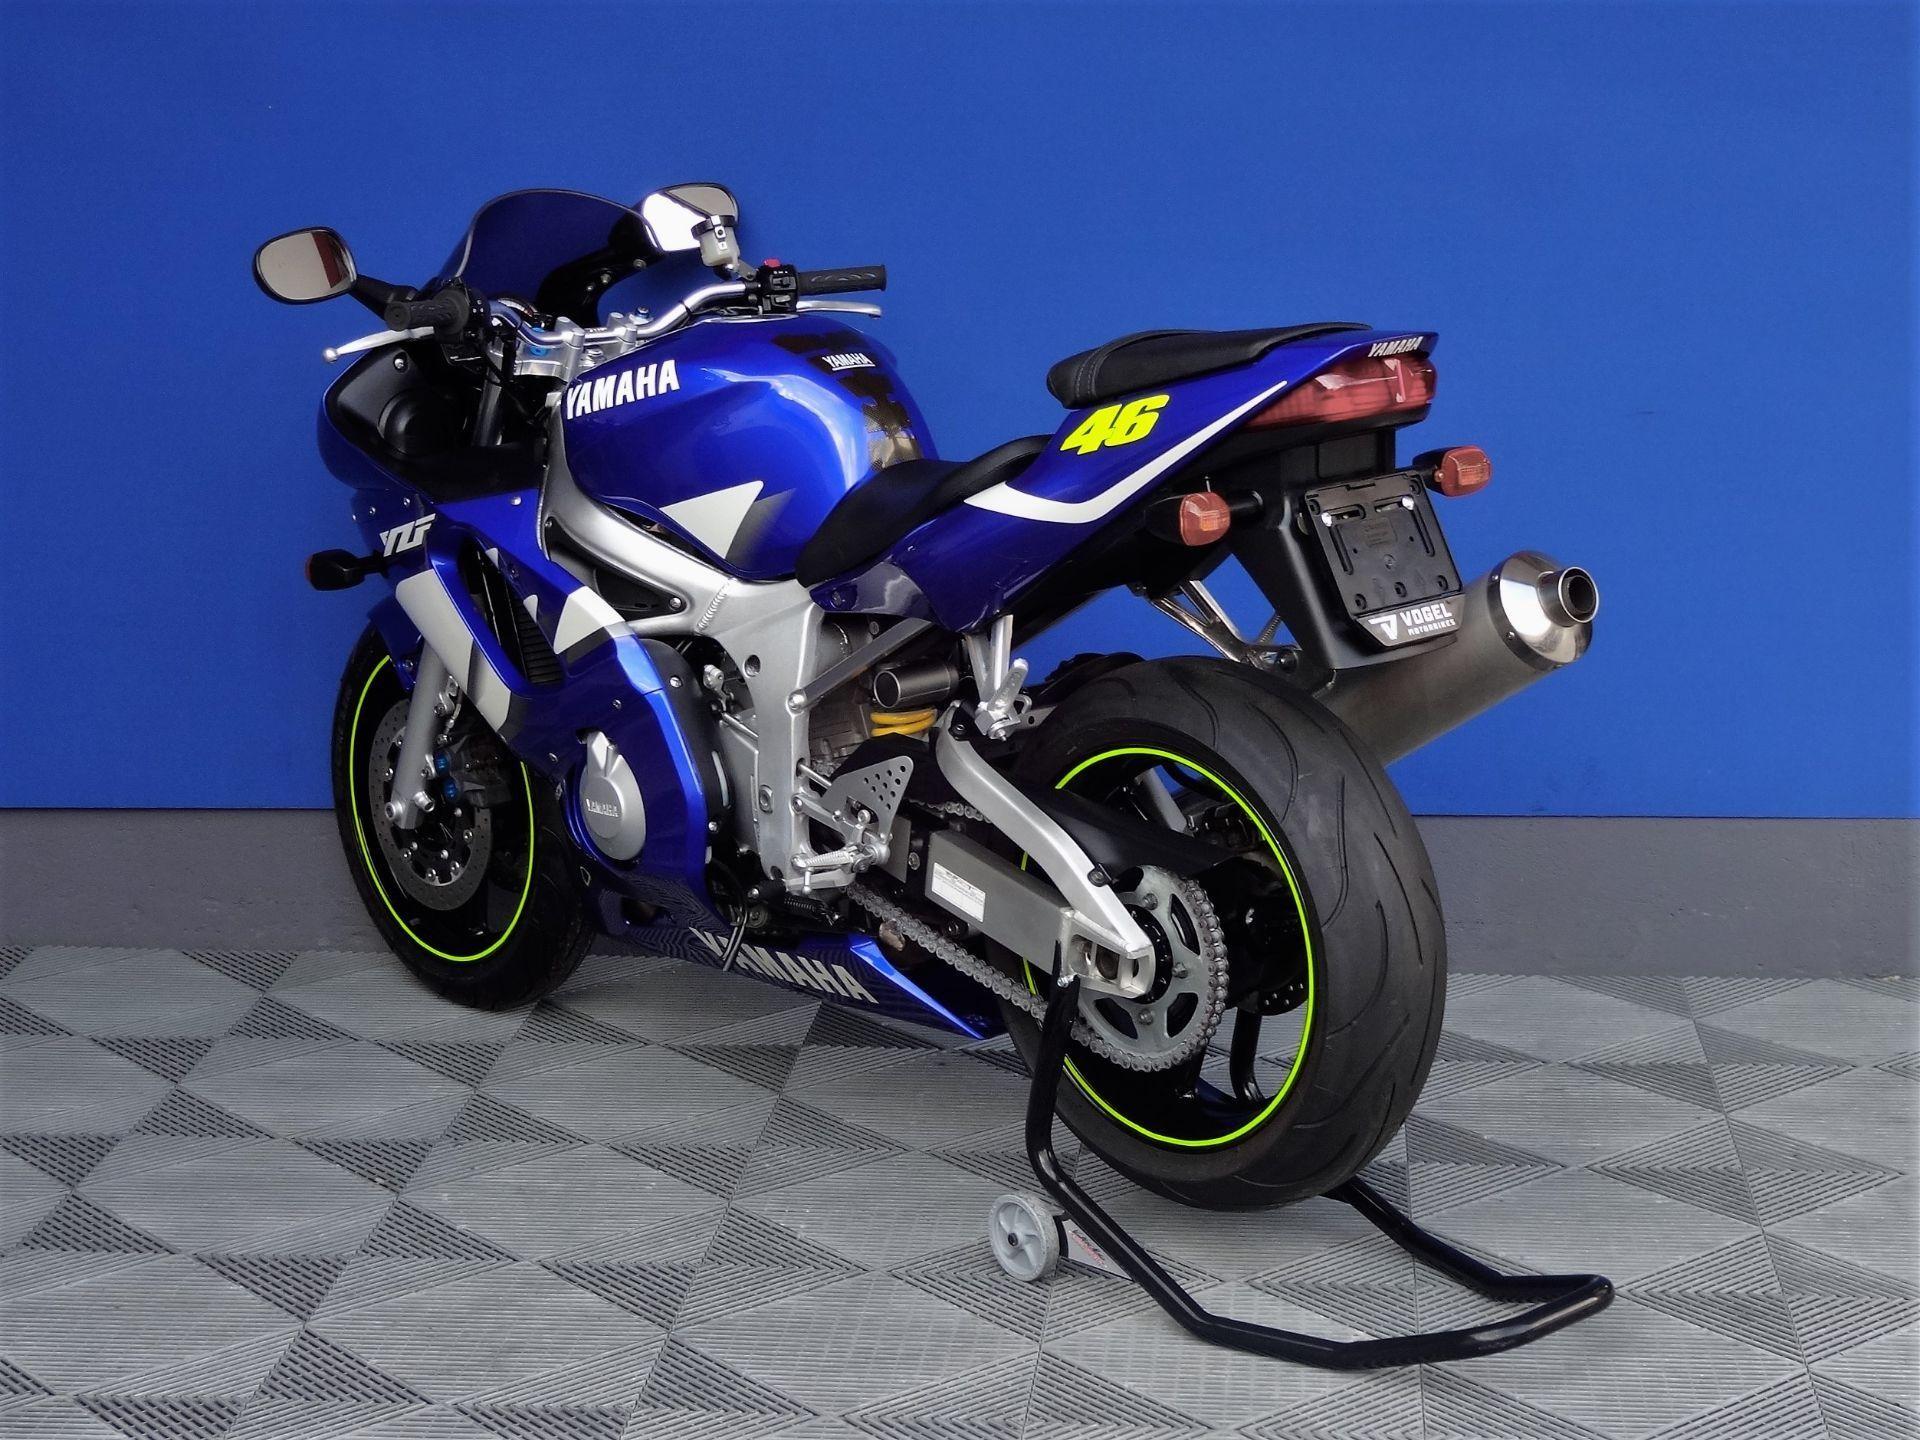 motorrad occasion kaufen yamaha yzf r6 superbike vogel motorbikes sch pfheim. Black Bedroom Furniture Sets. Home Design Ideas